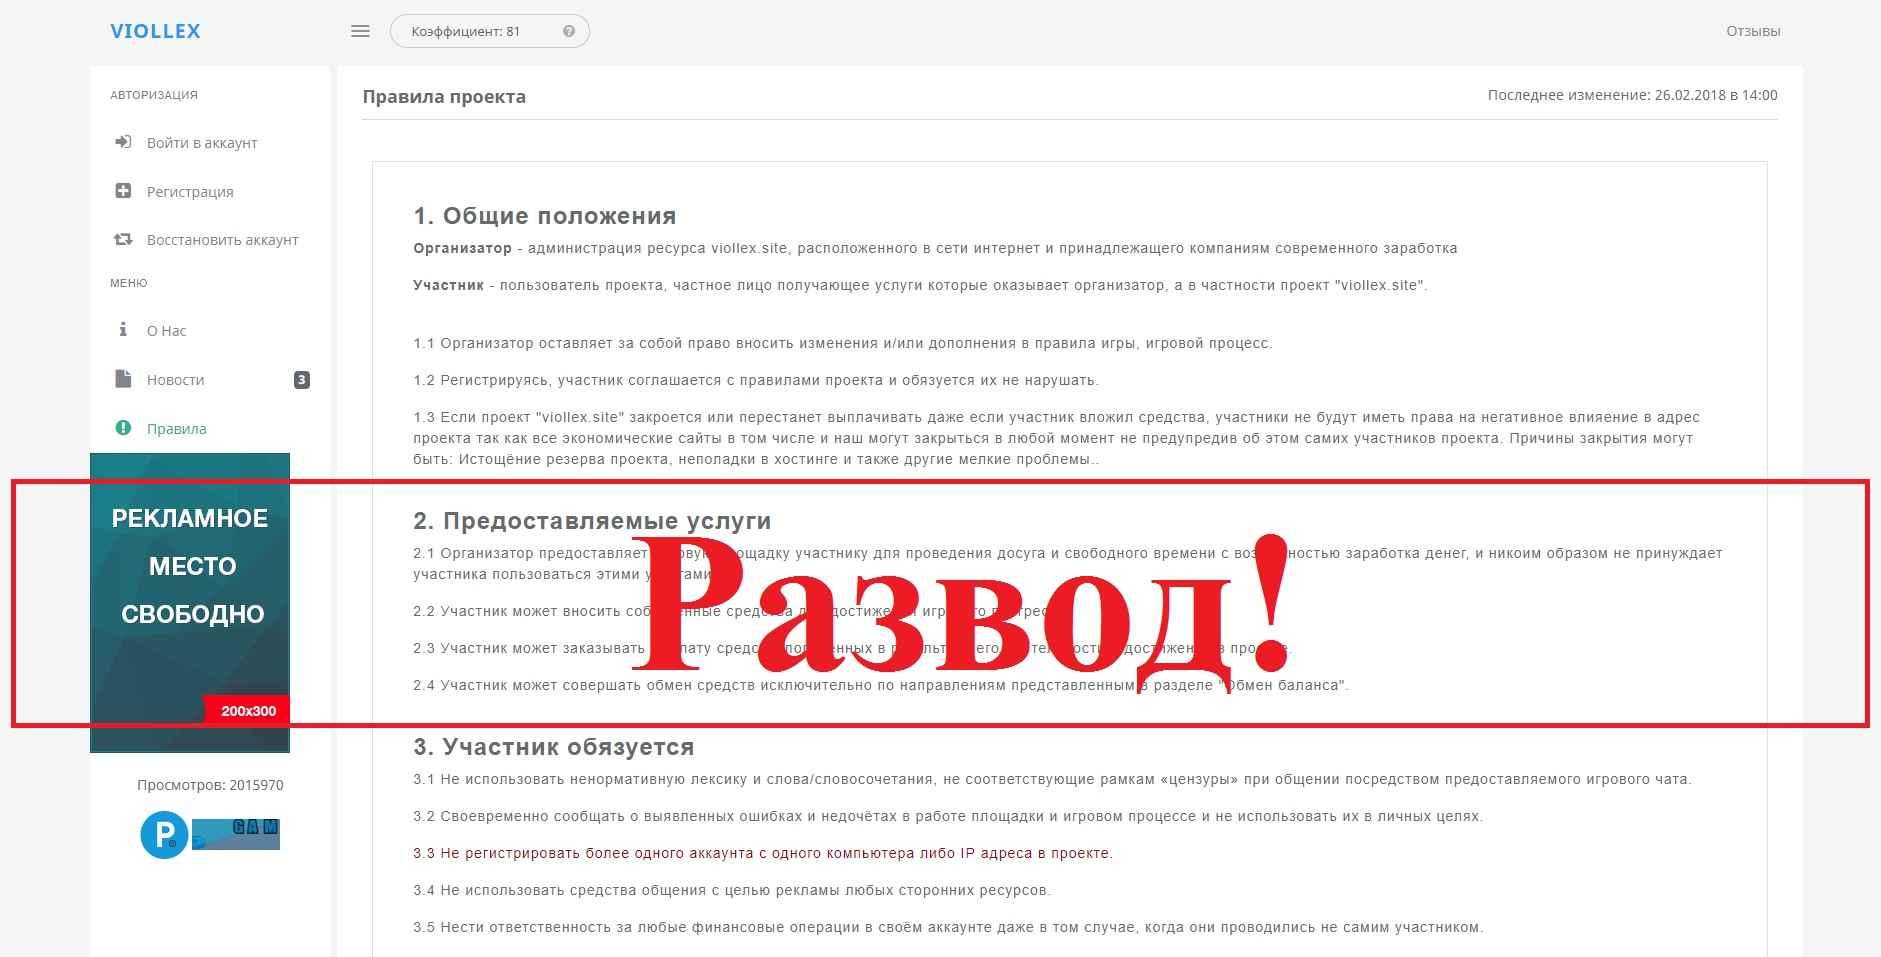 Viollex – реальные отзывы о viollex.site